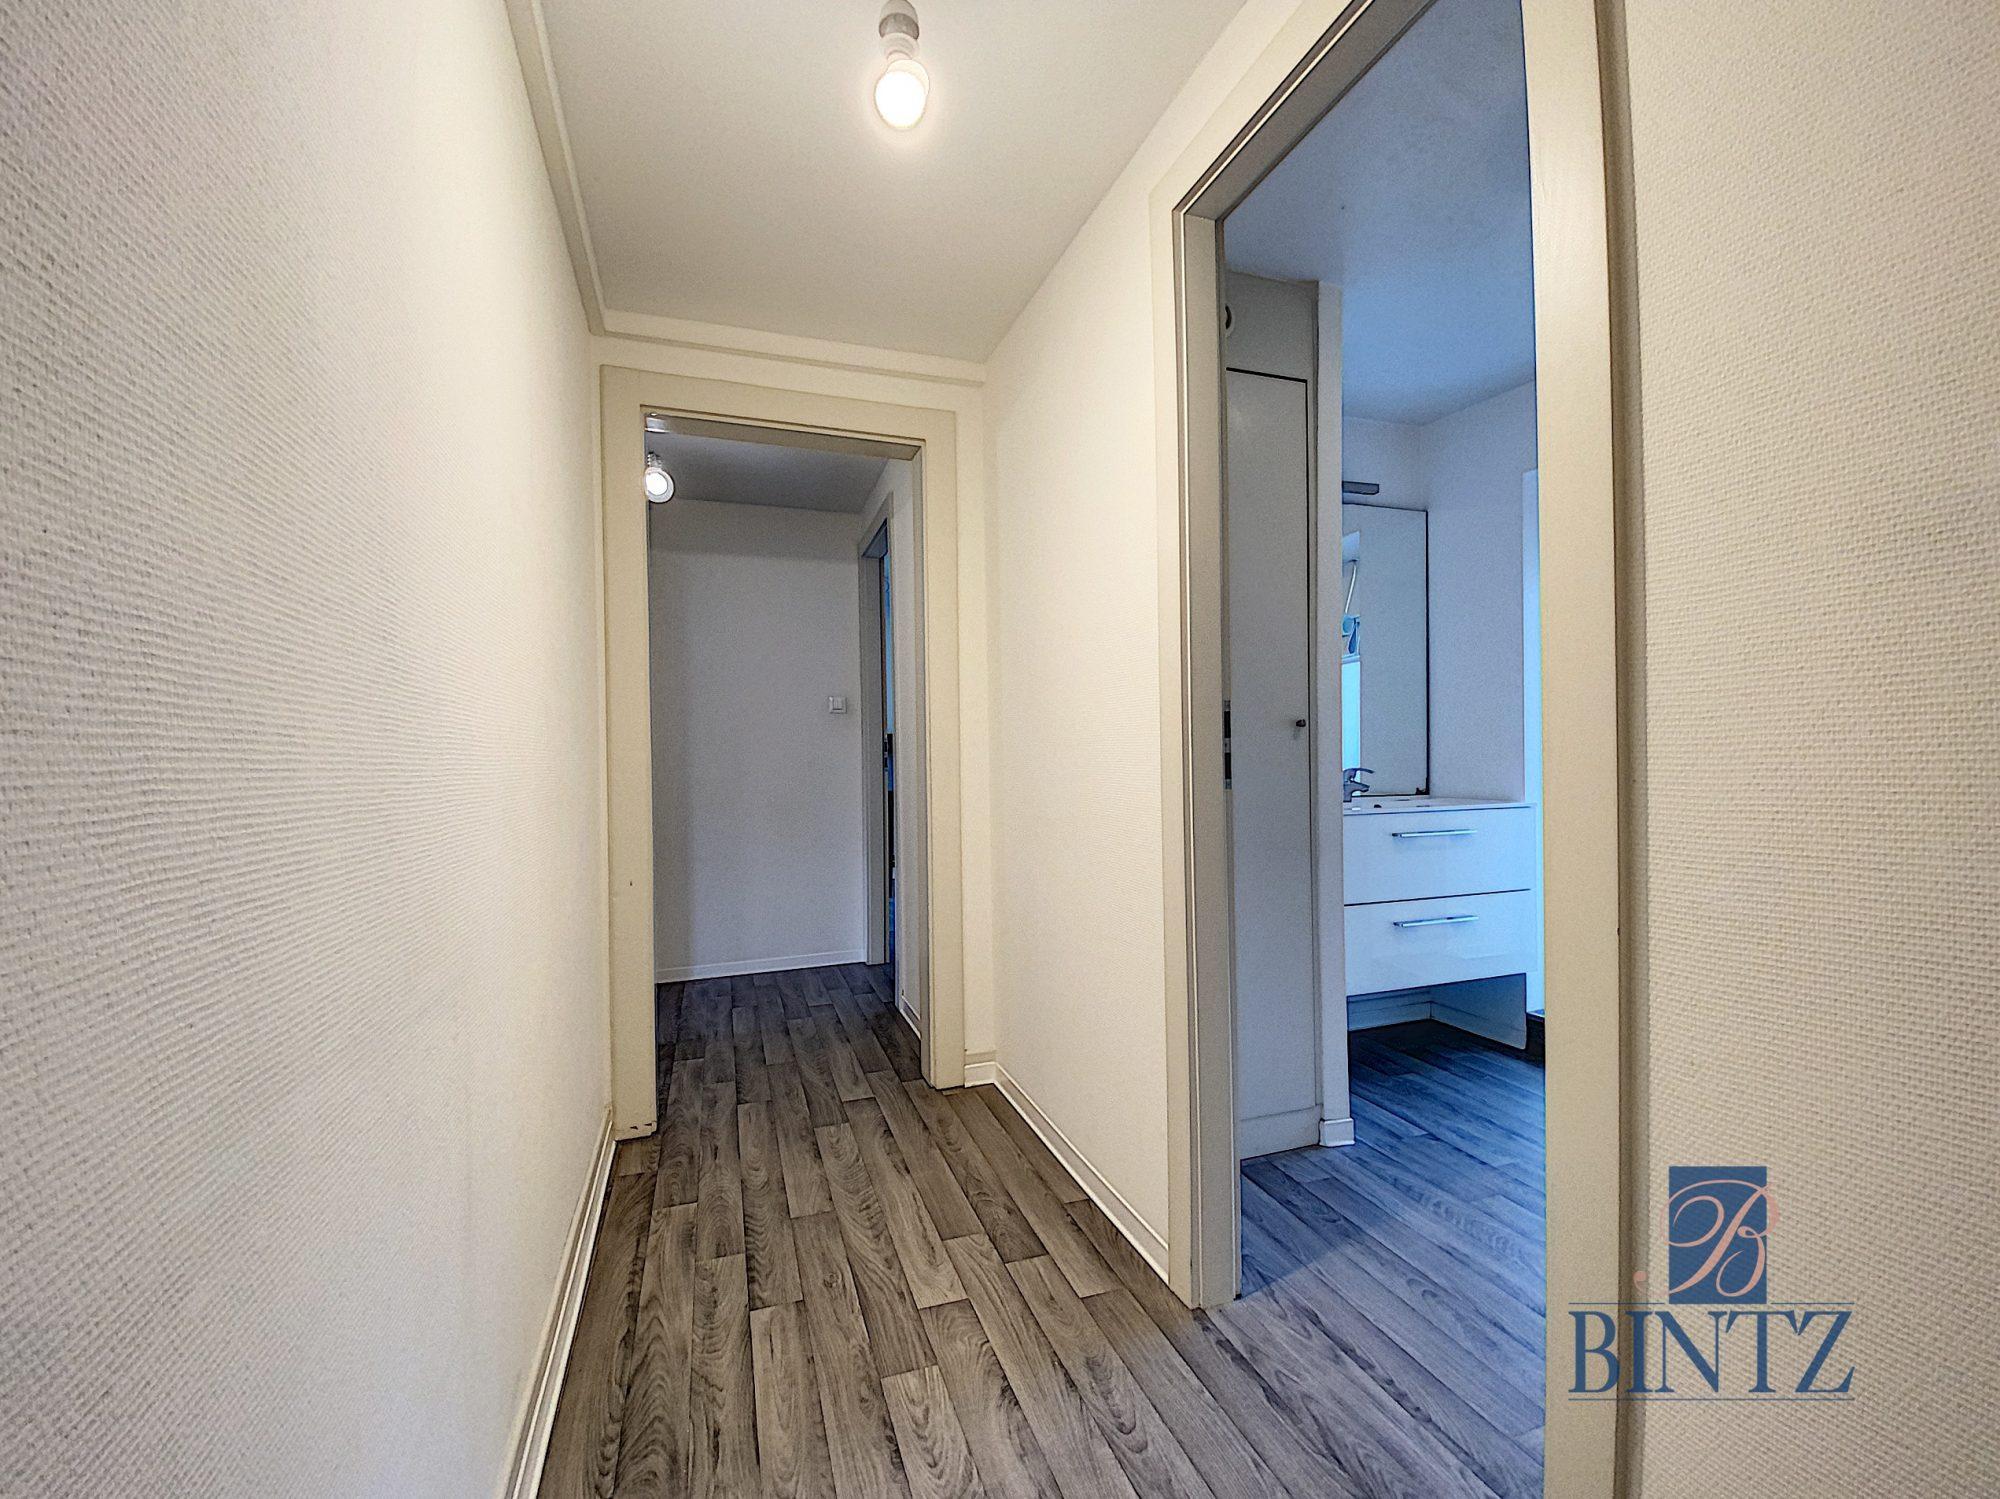 3 PIÈCES HYPERCENTRE - Devenez locataire en toute sérénité - Bintz Immobilier - 17